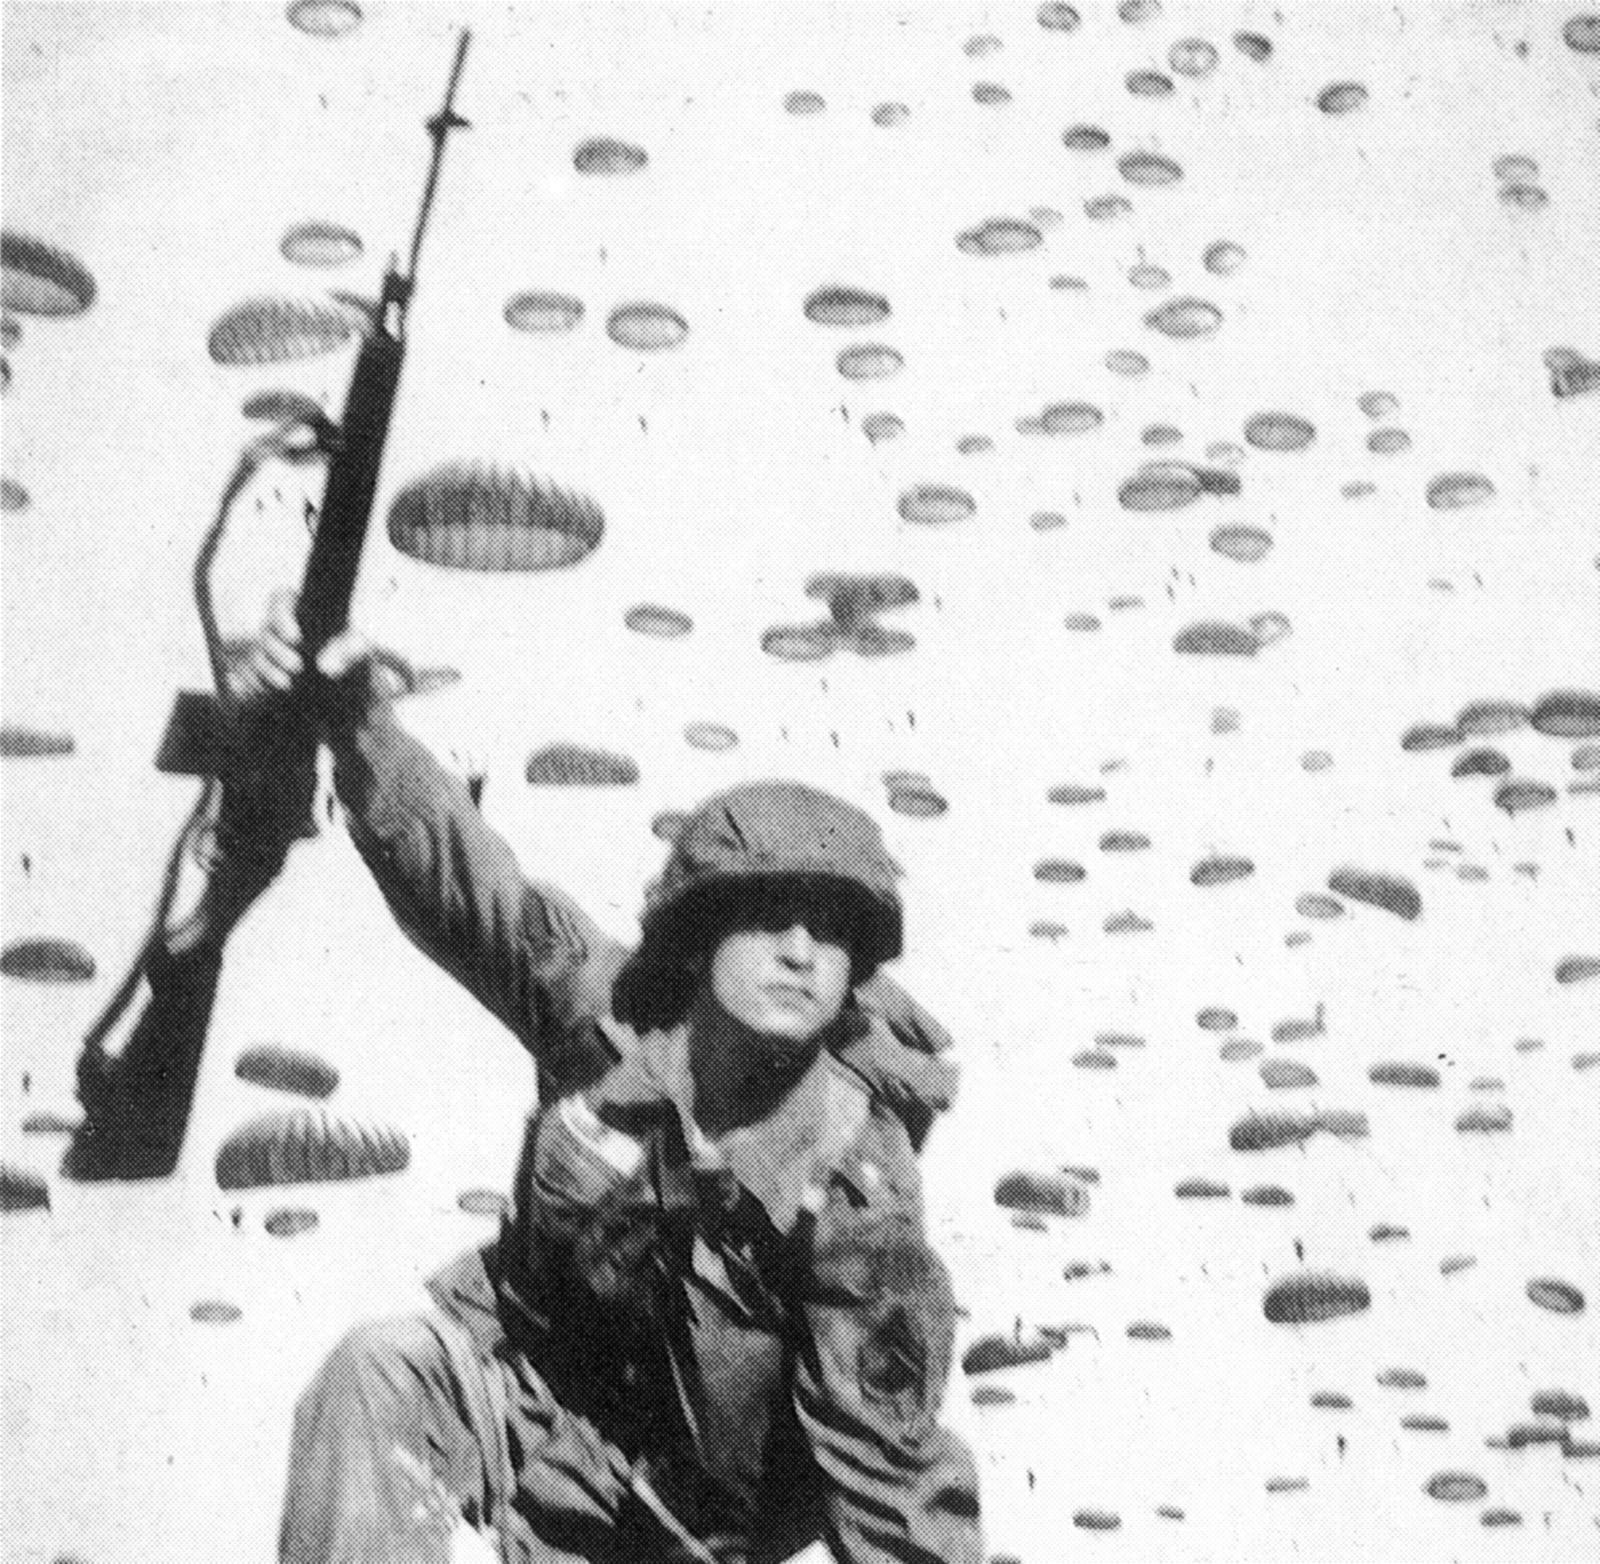 101st_airborne_exercise_1960s.jpg